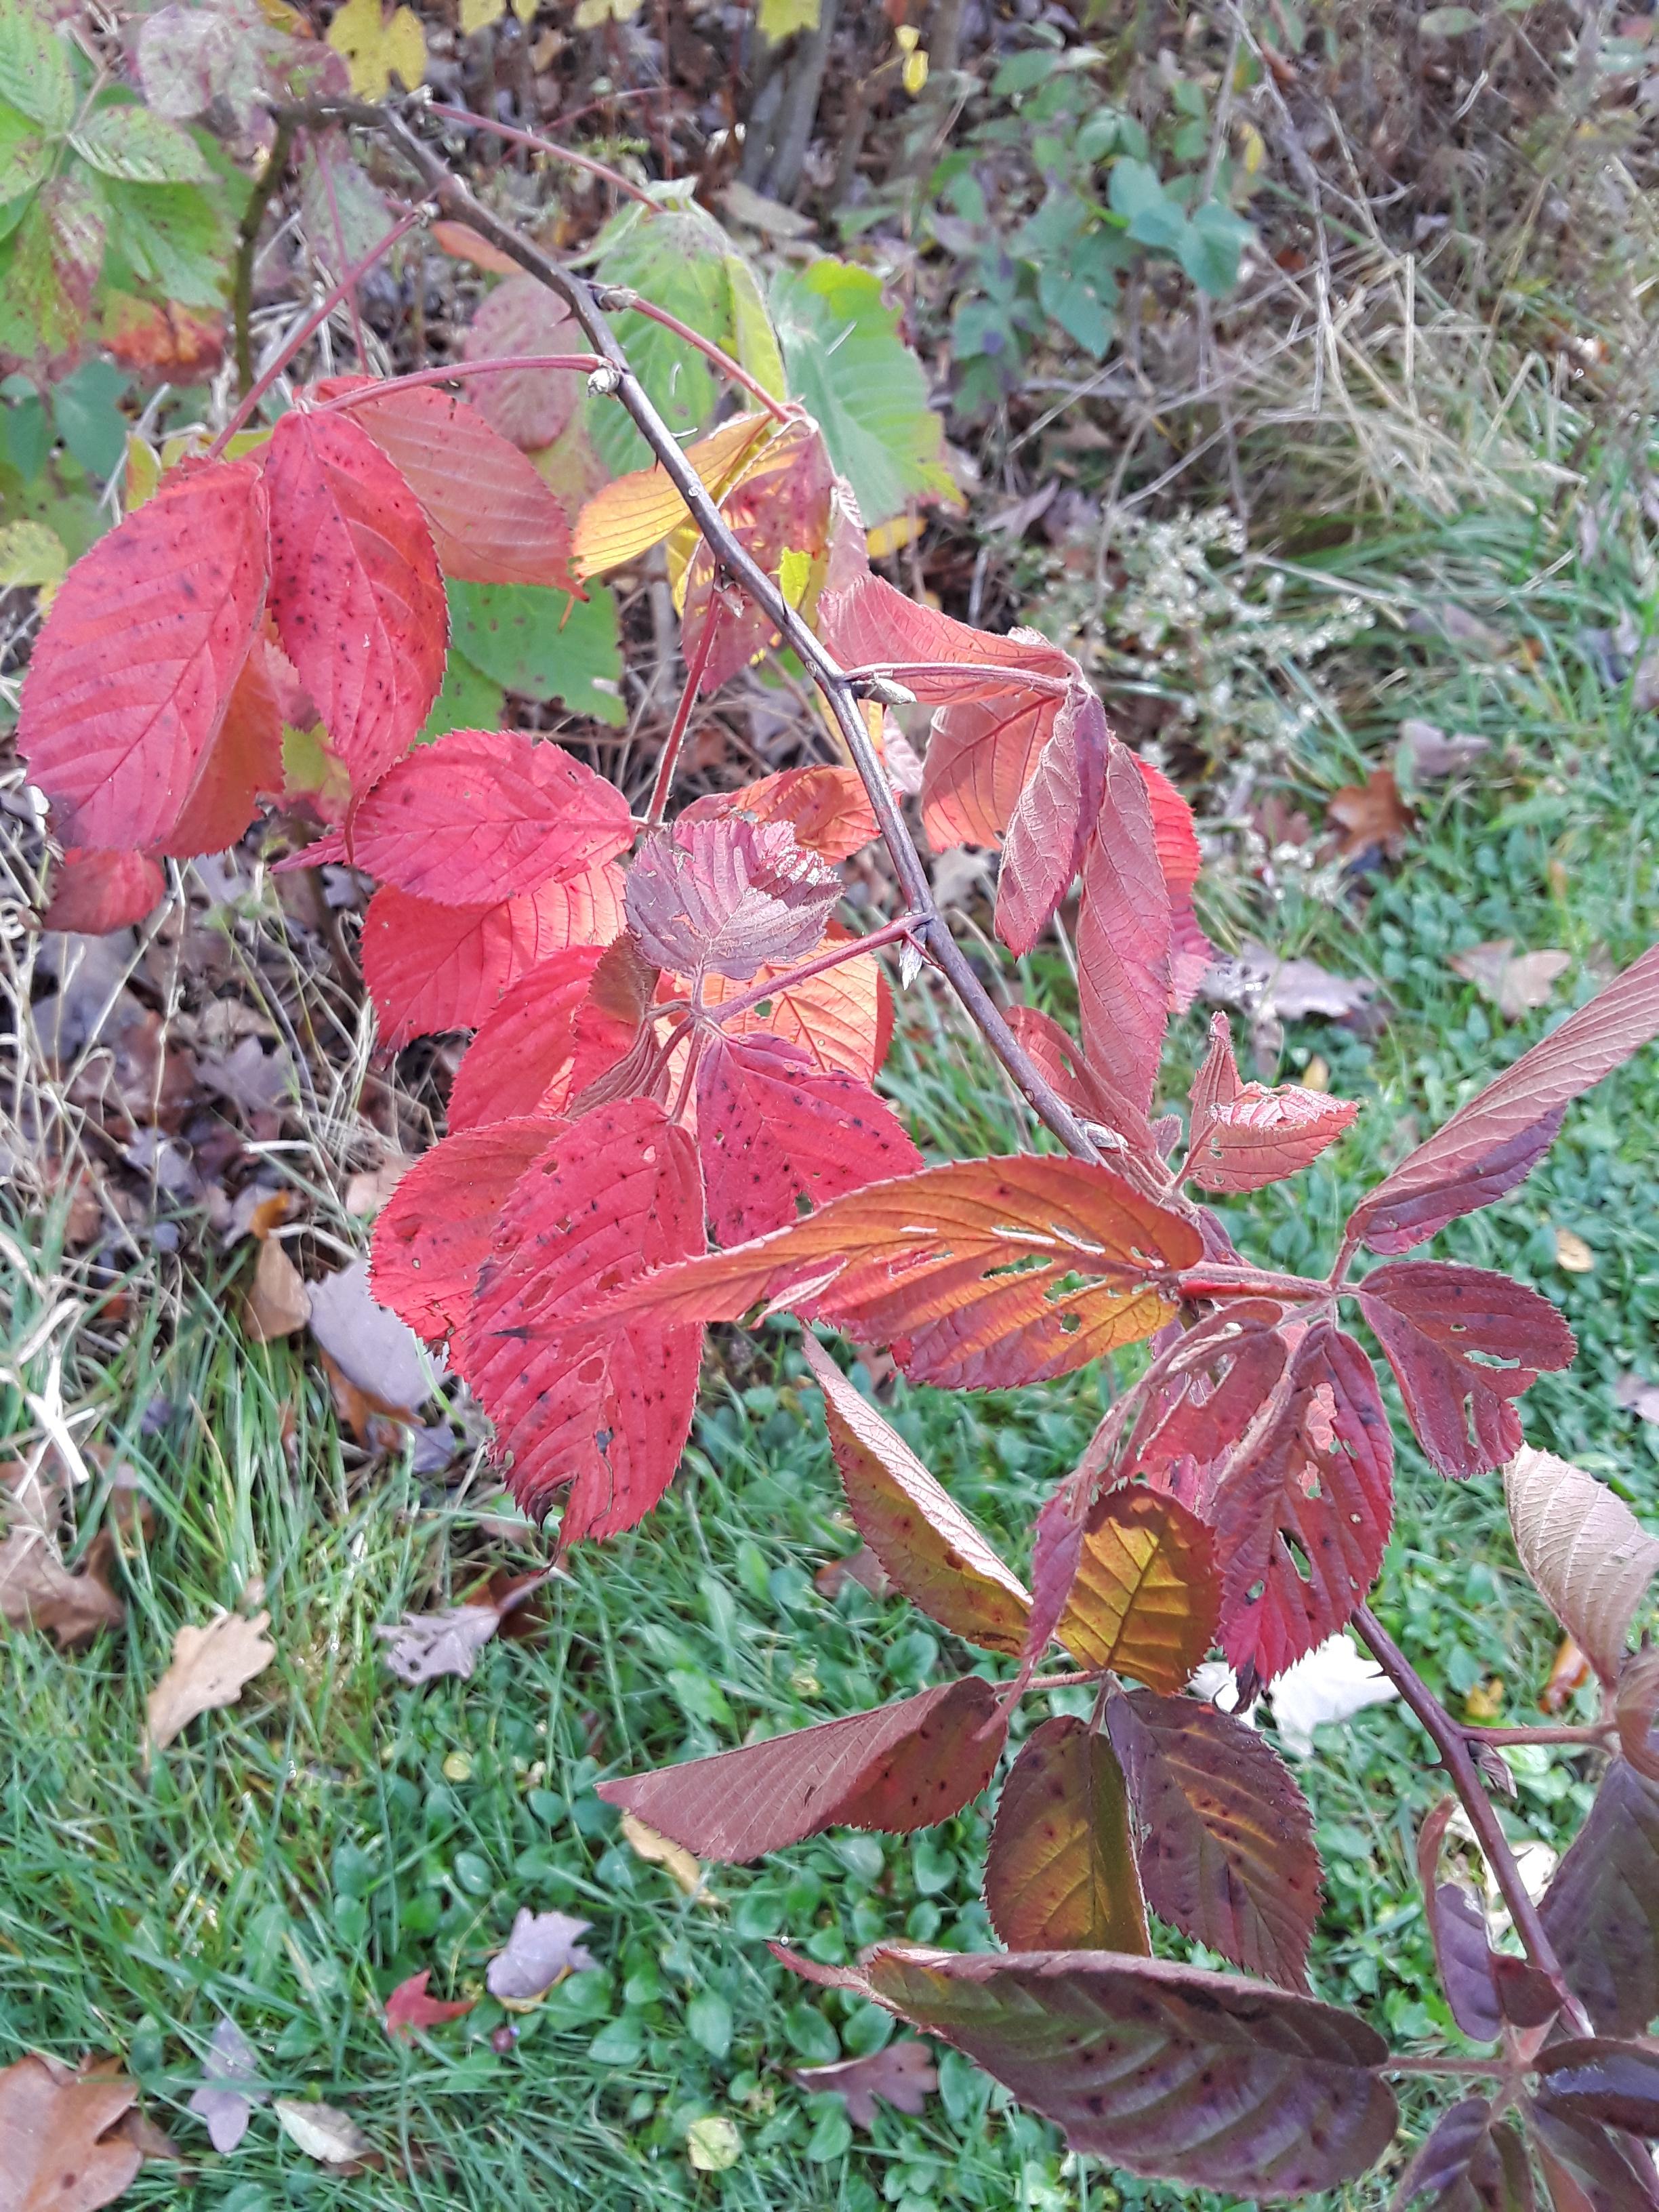 Virginia creeper shows off autumn foliage